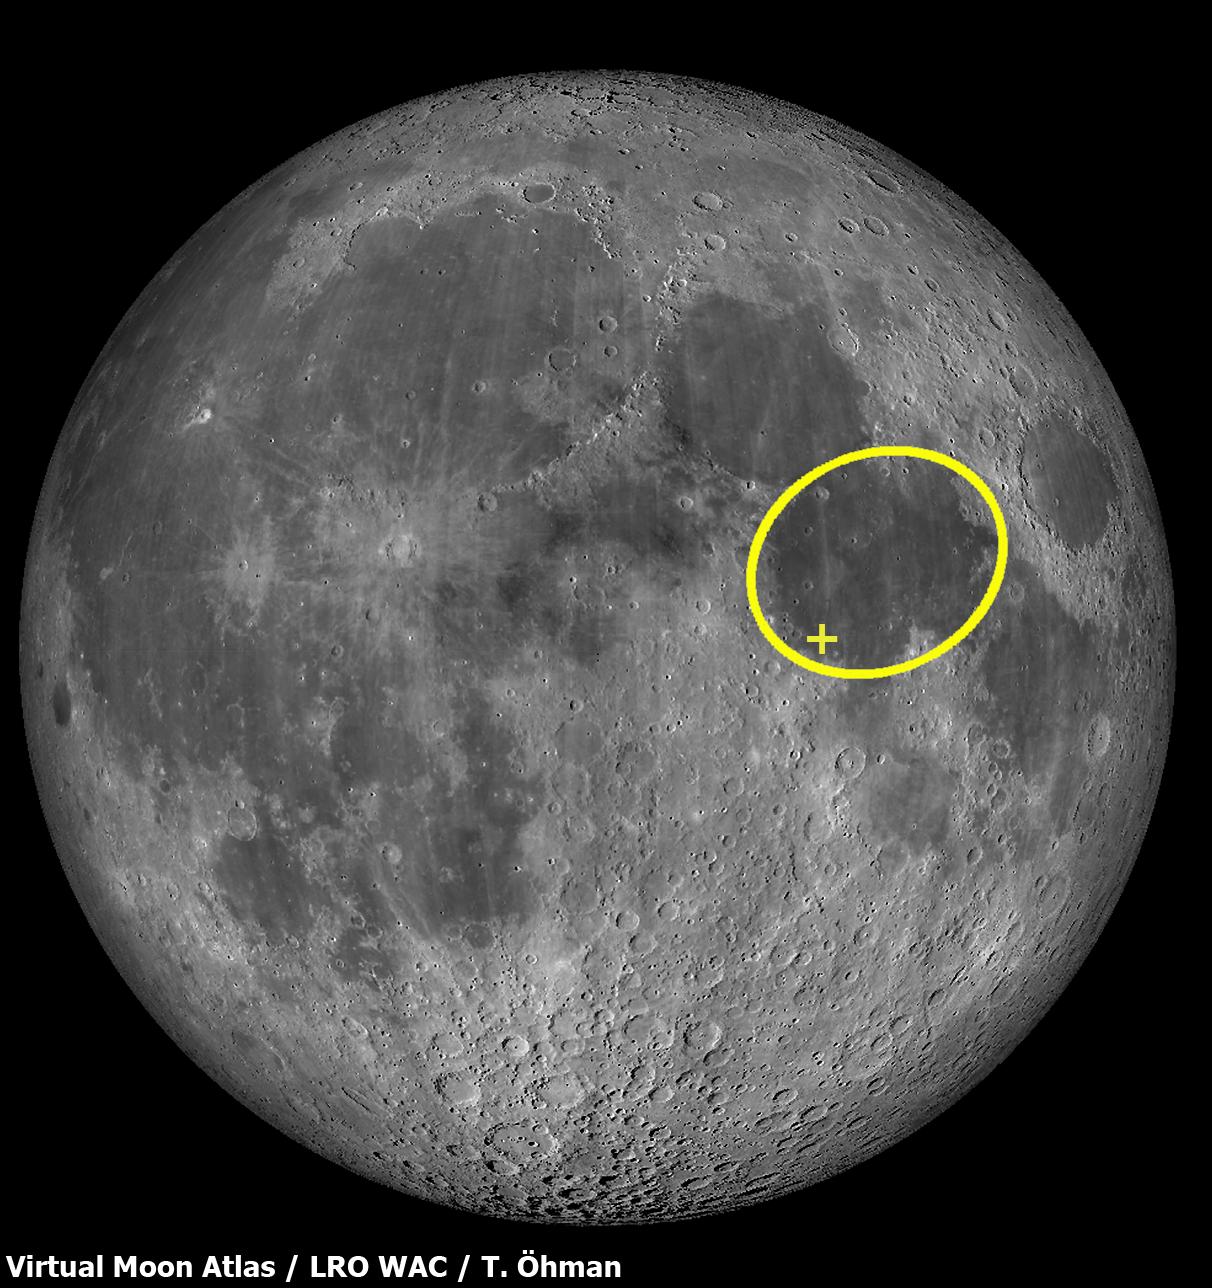 Mare Tranquillitatiksen, ensimmäisen miehitetyn kuulennon pääteaseman sijainti Kuussa. Laskeutumispaikka on merkitty rastilla. Kartta: Virtual Moon Atlas / LRO WAC / Teemu Öhman. Napsauttamalla saat artikkelin kuvat ja kartat suuremmiksi.